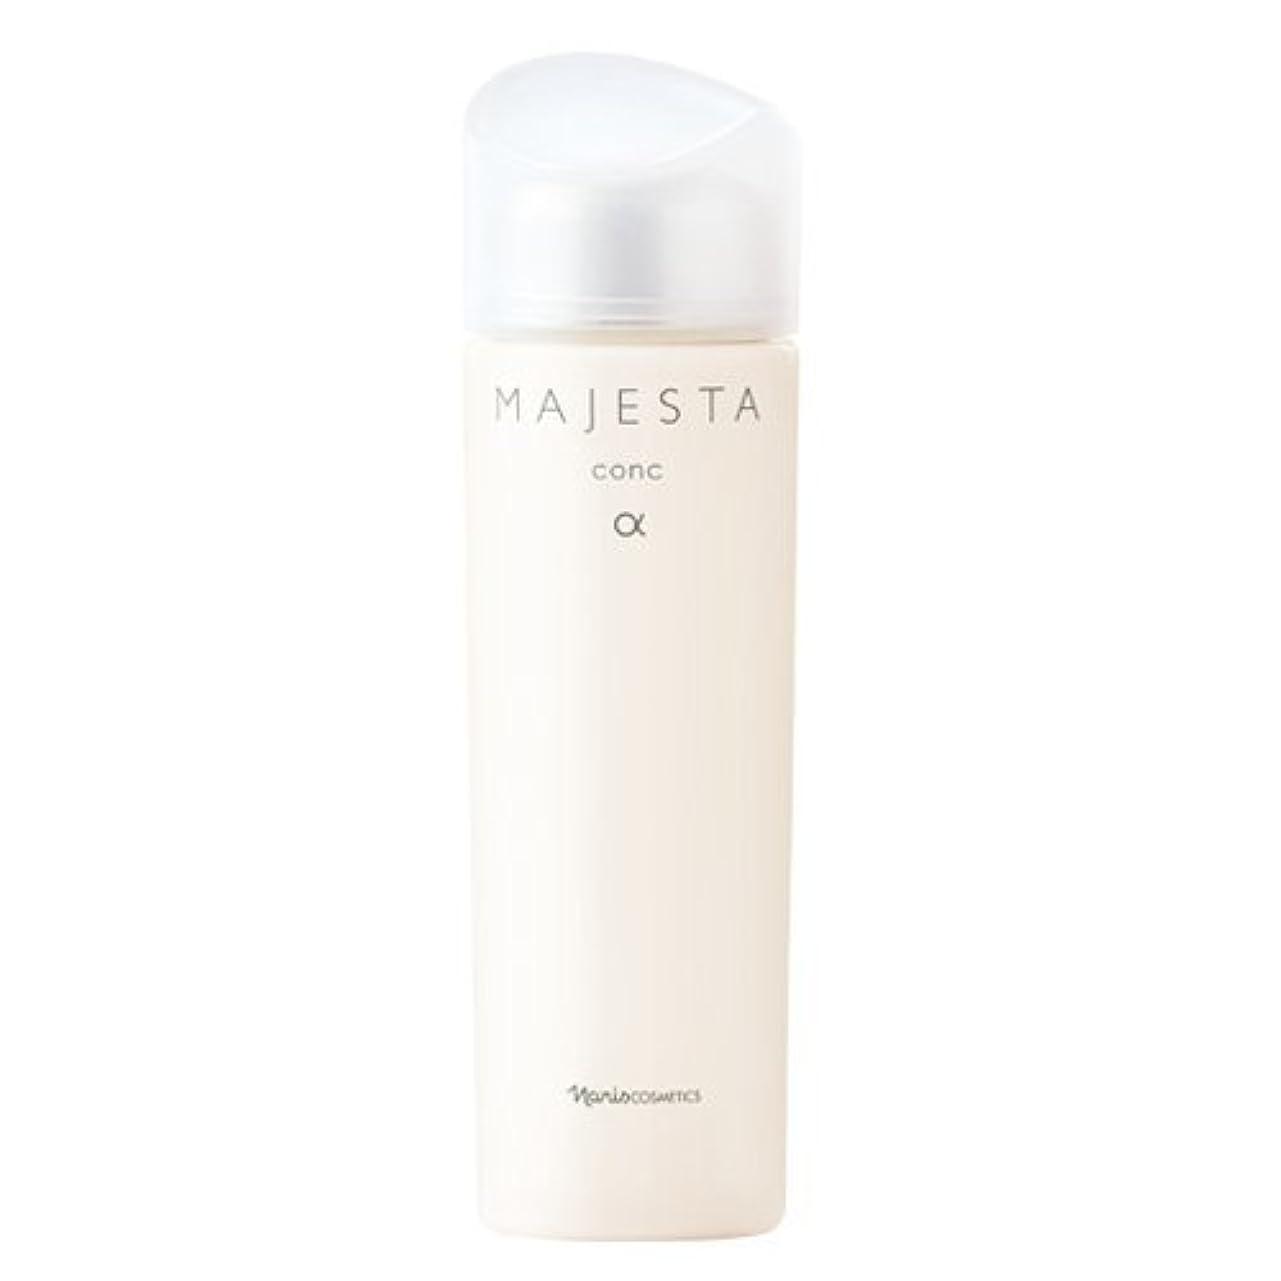 補う見つけたためにナリス化粧品マジェスタ コンクα (酵素アルカリ)(ふきとり用化粧水)180mL